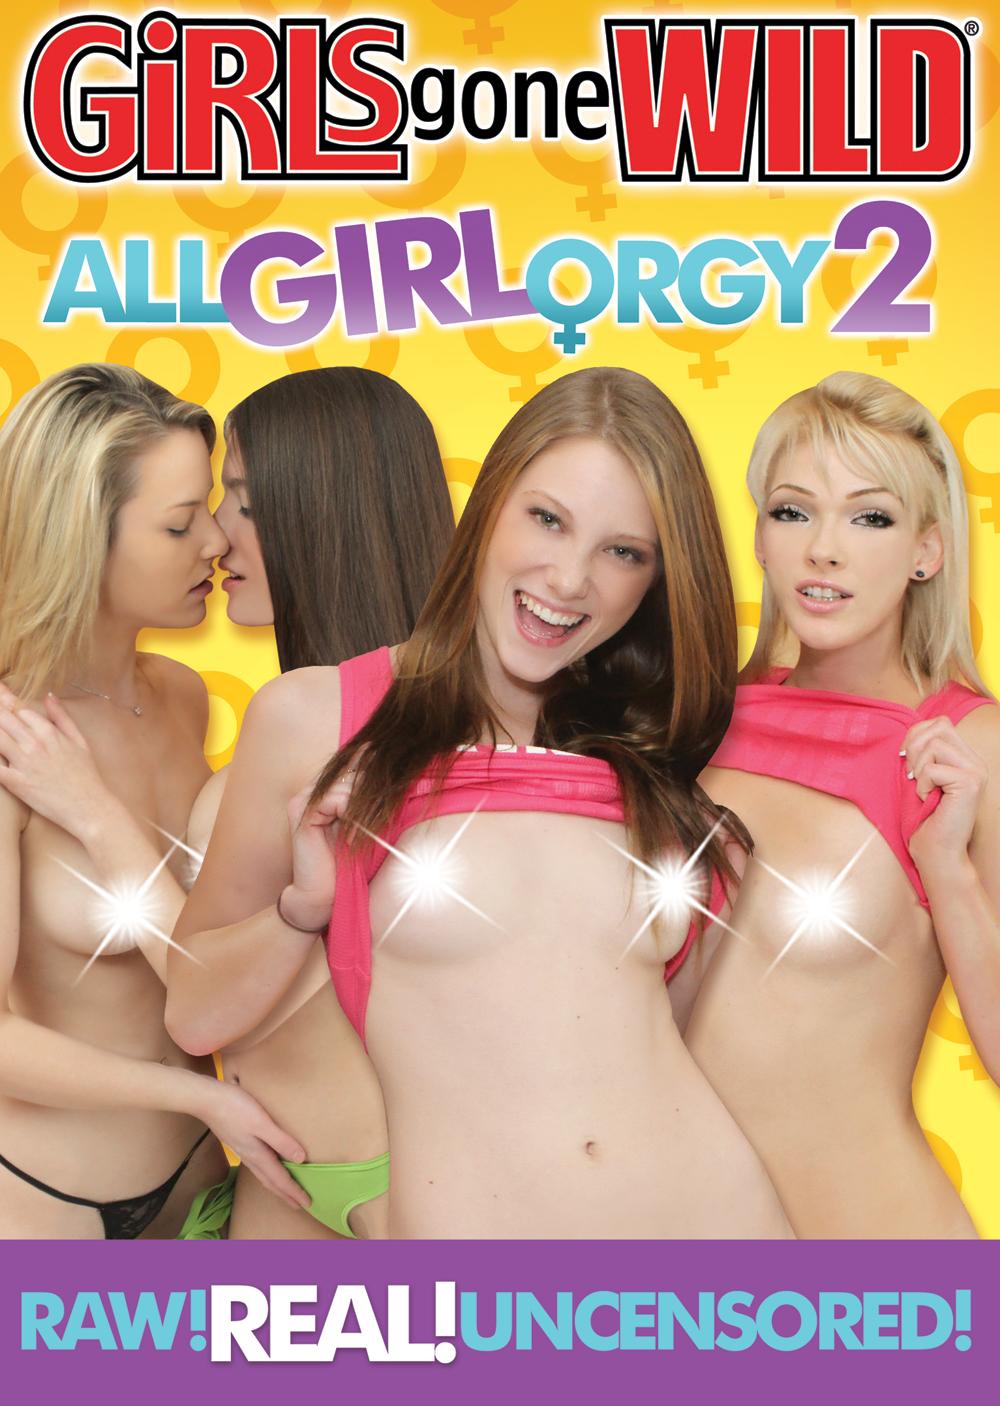 Girls Gone Wild: All Girl Orgy, Vol. 2